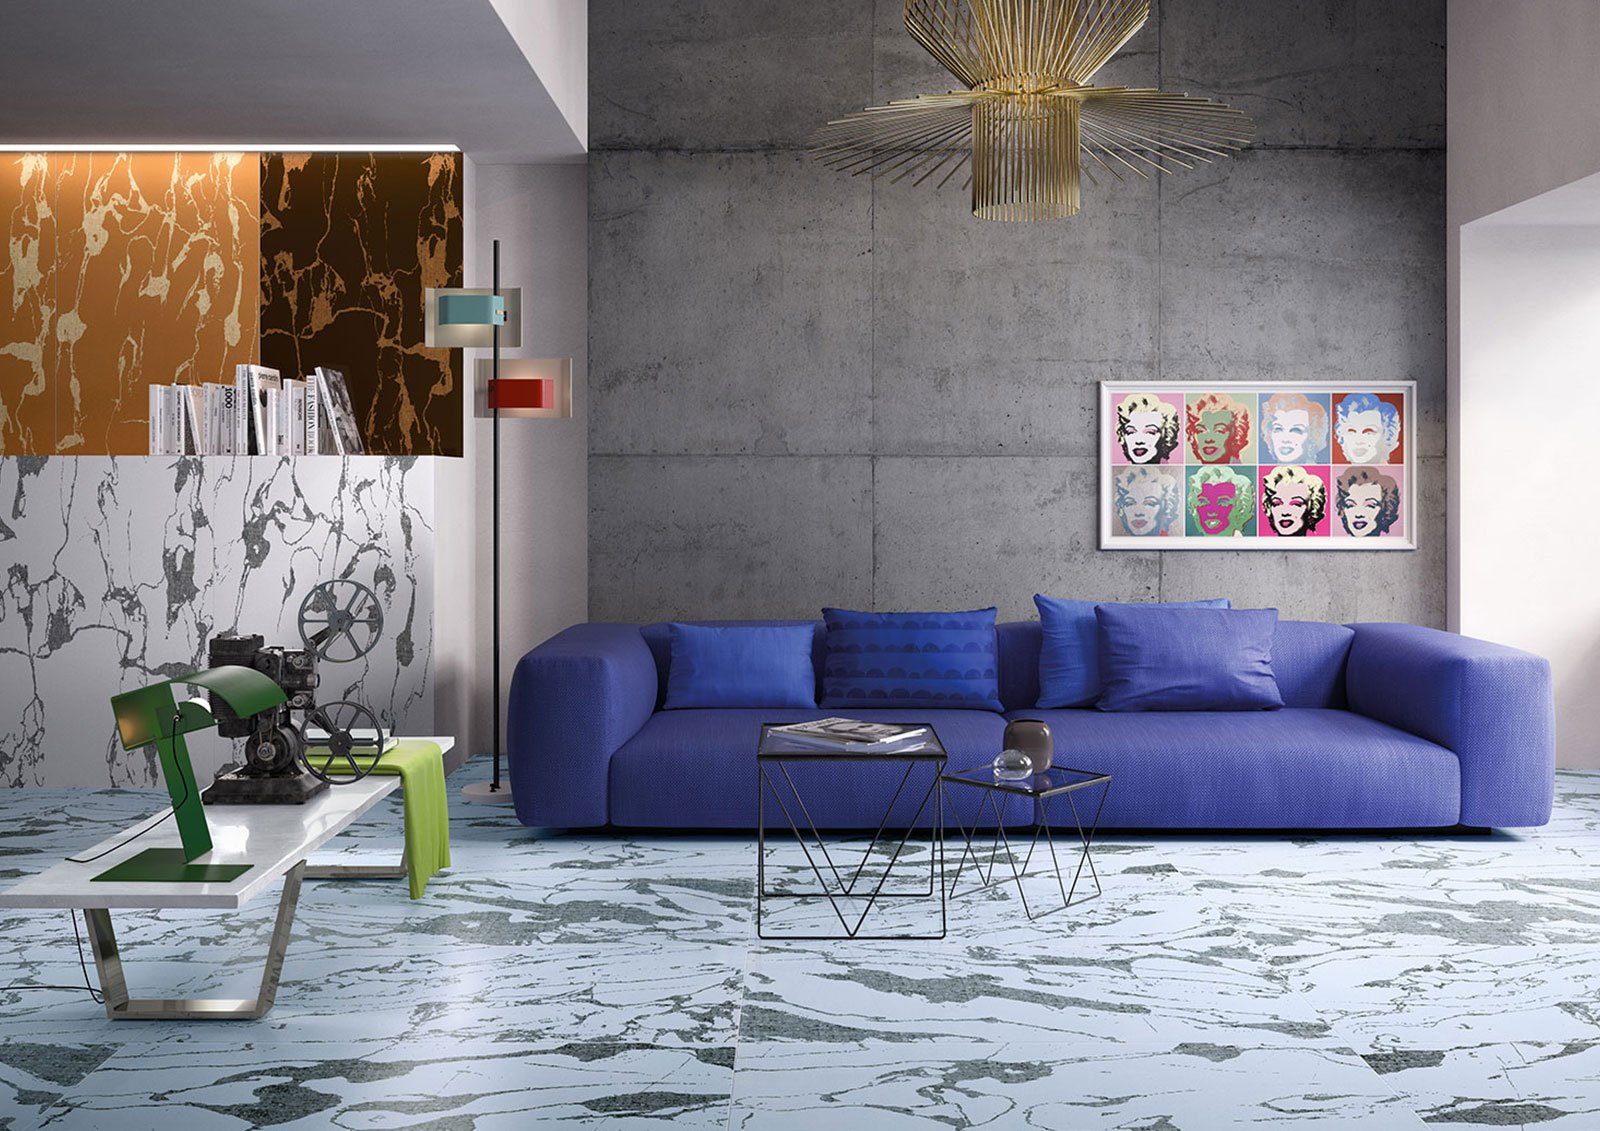 un salotto con un divano blu due tavolini e un monta pellicole sulla sinistra